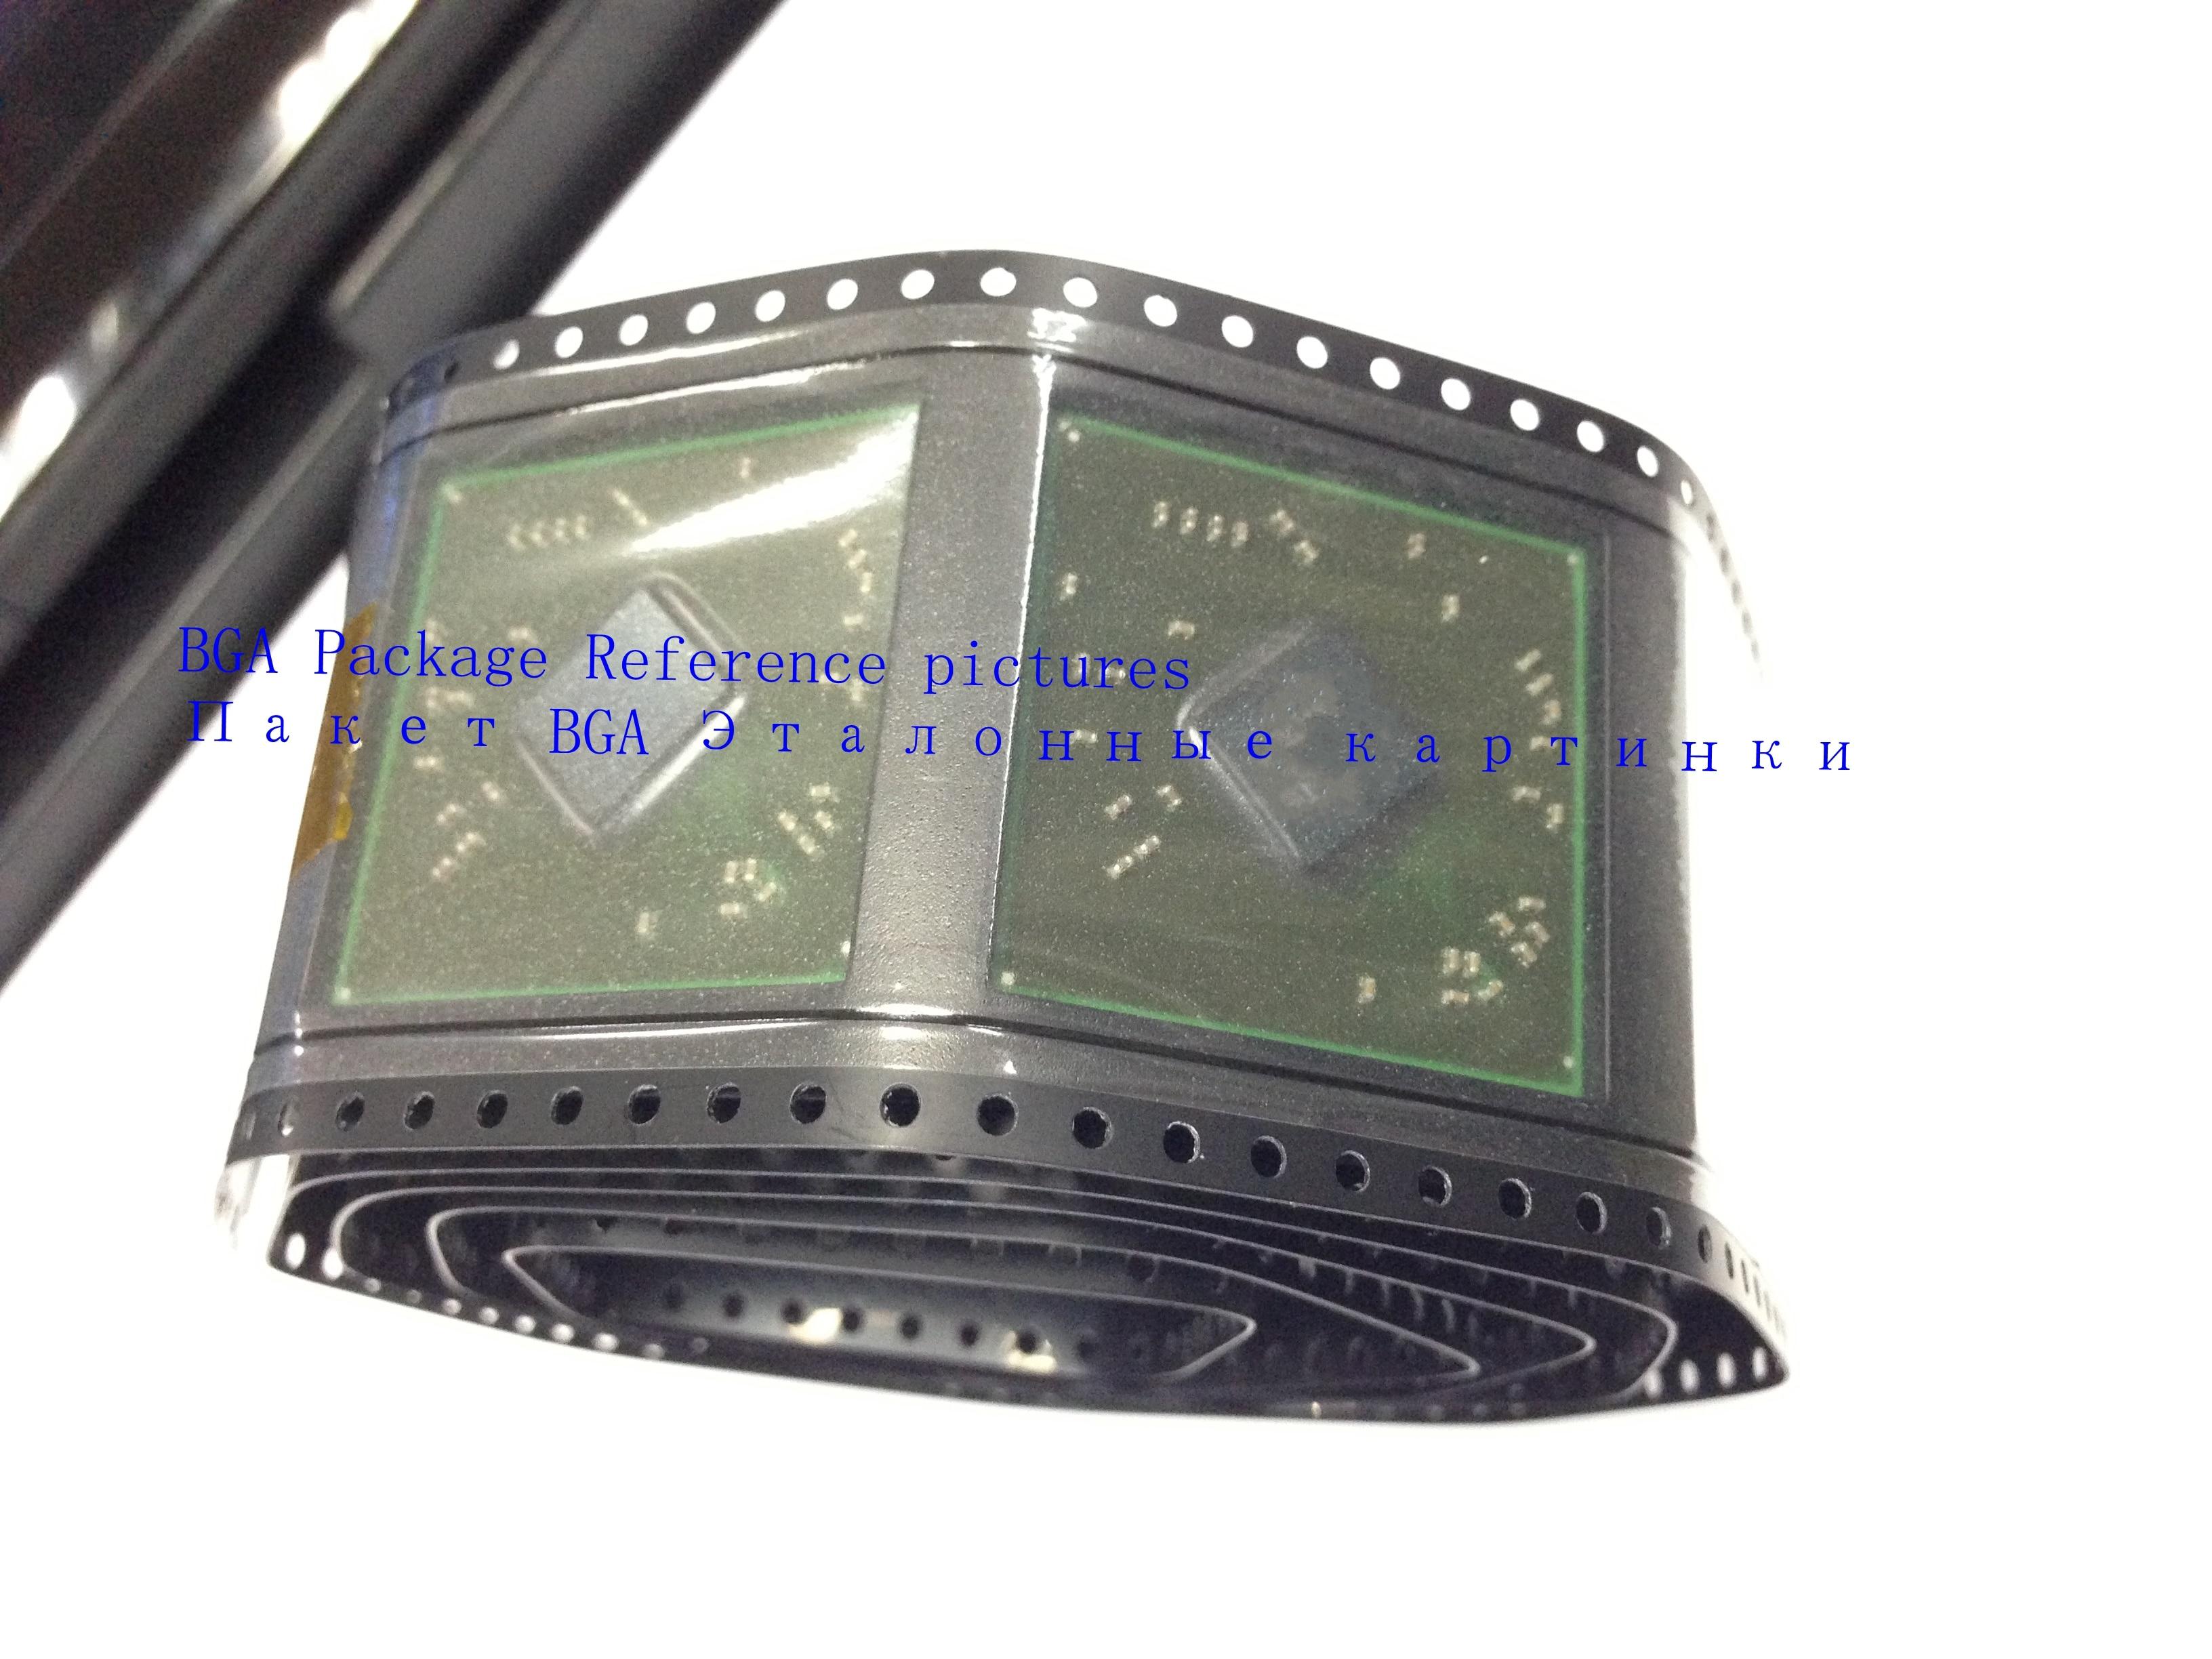 1 pcs/lot DC: 2012 + colle 100% nouveau G86-635-A2 G86 635 A2 BGA Chipset1 pcs/lot DC: 2012 + colle 100% nouveau G86-635-A2 G86 635 A2 BGA Chipset